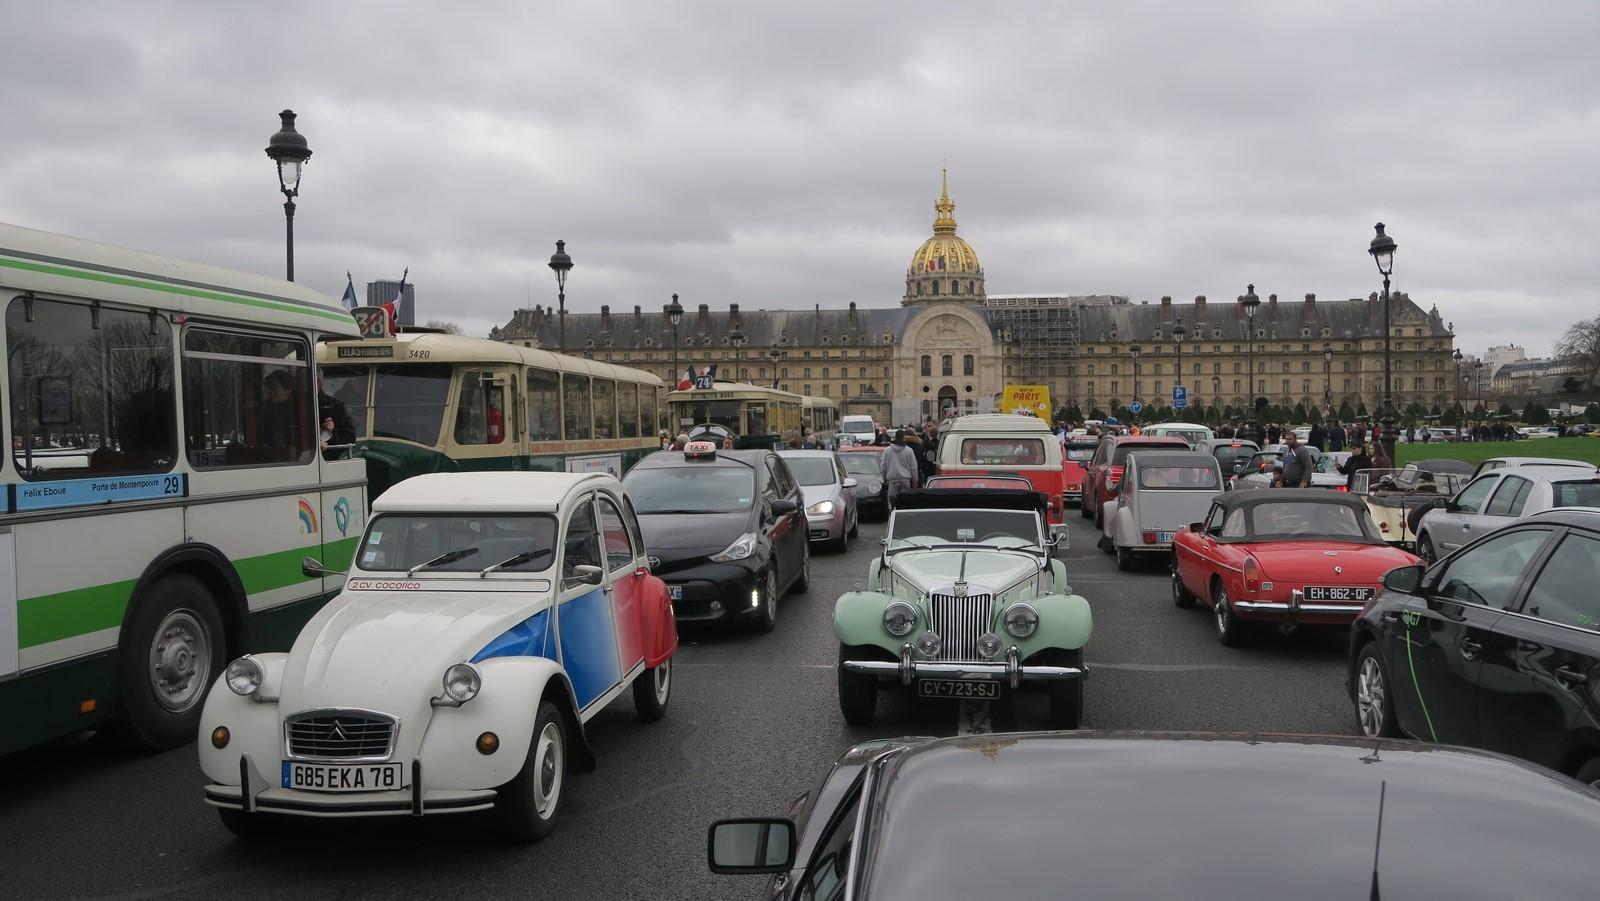 Traversee de Paris hivernale 2019 FM 84